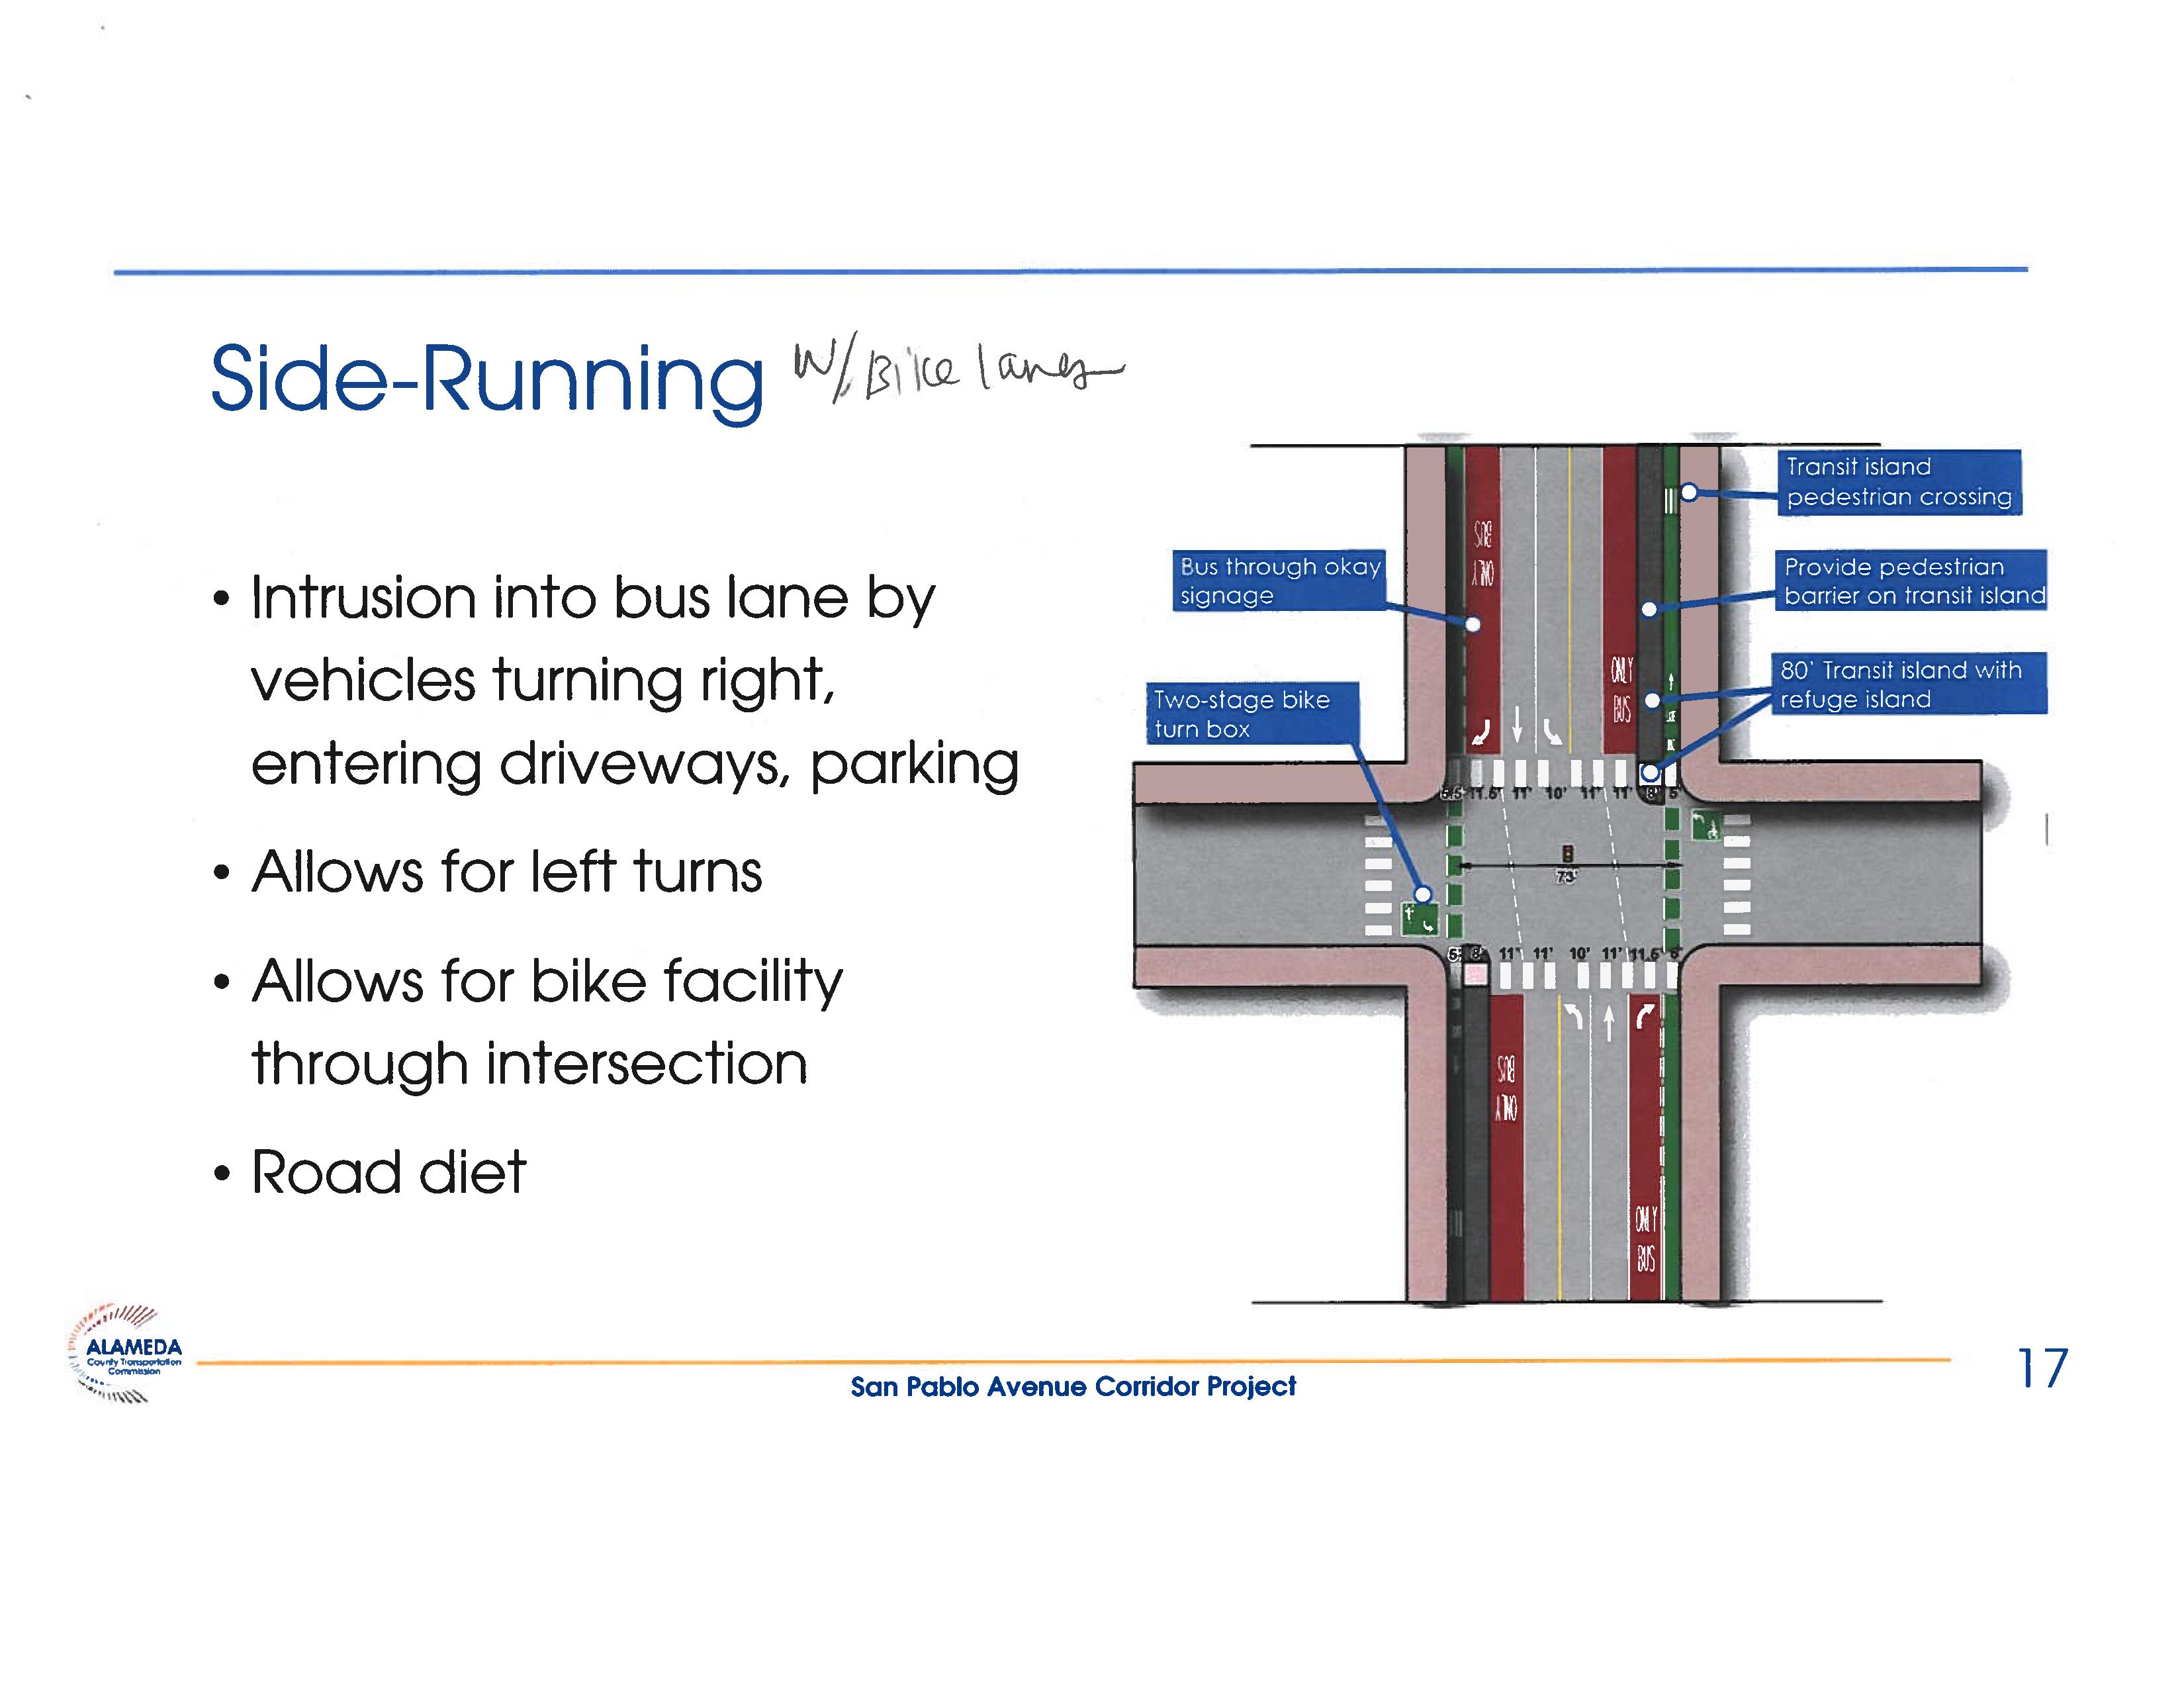 Side-Running Bus Lanes diagram